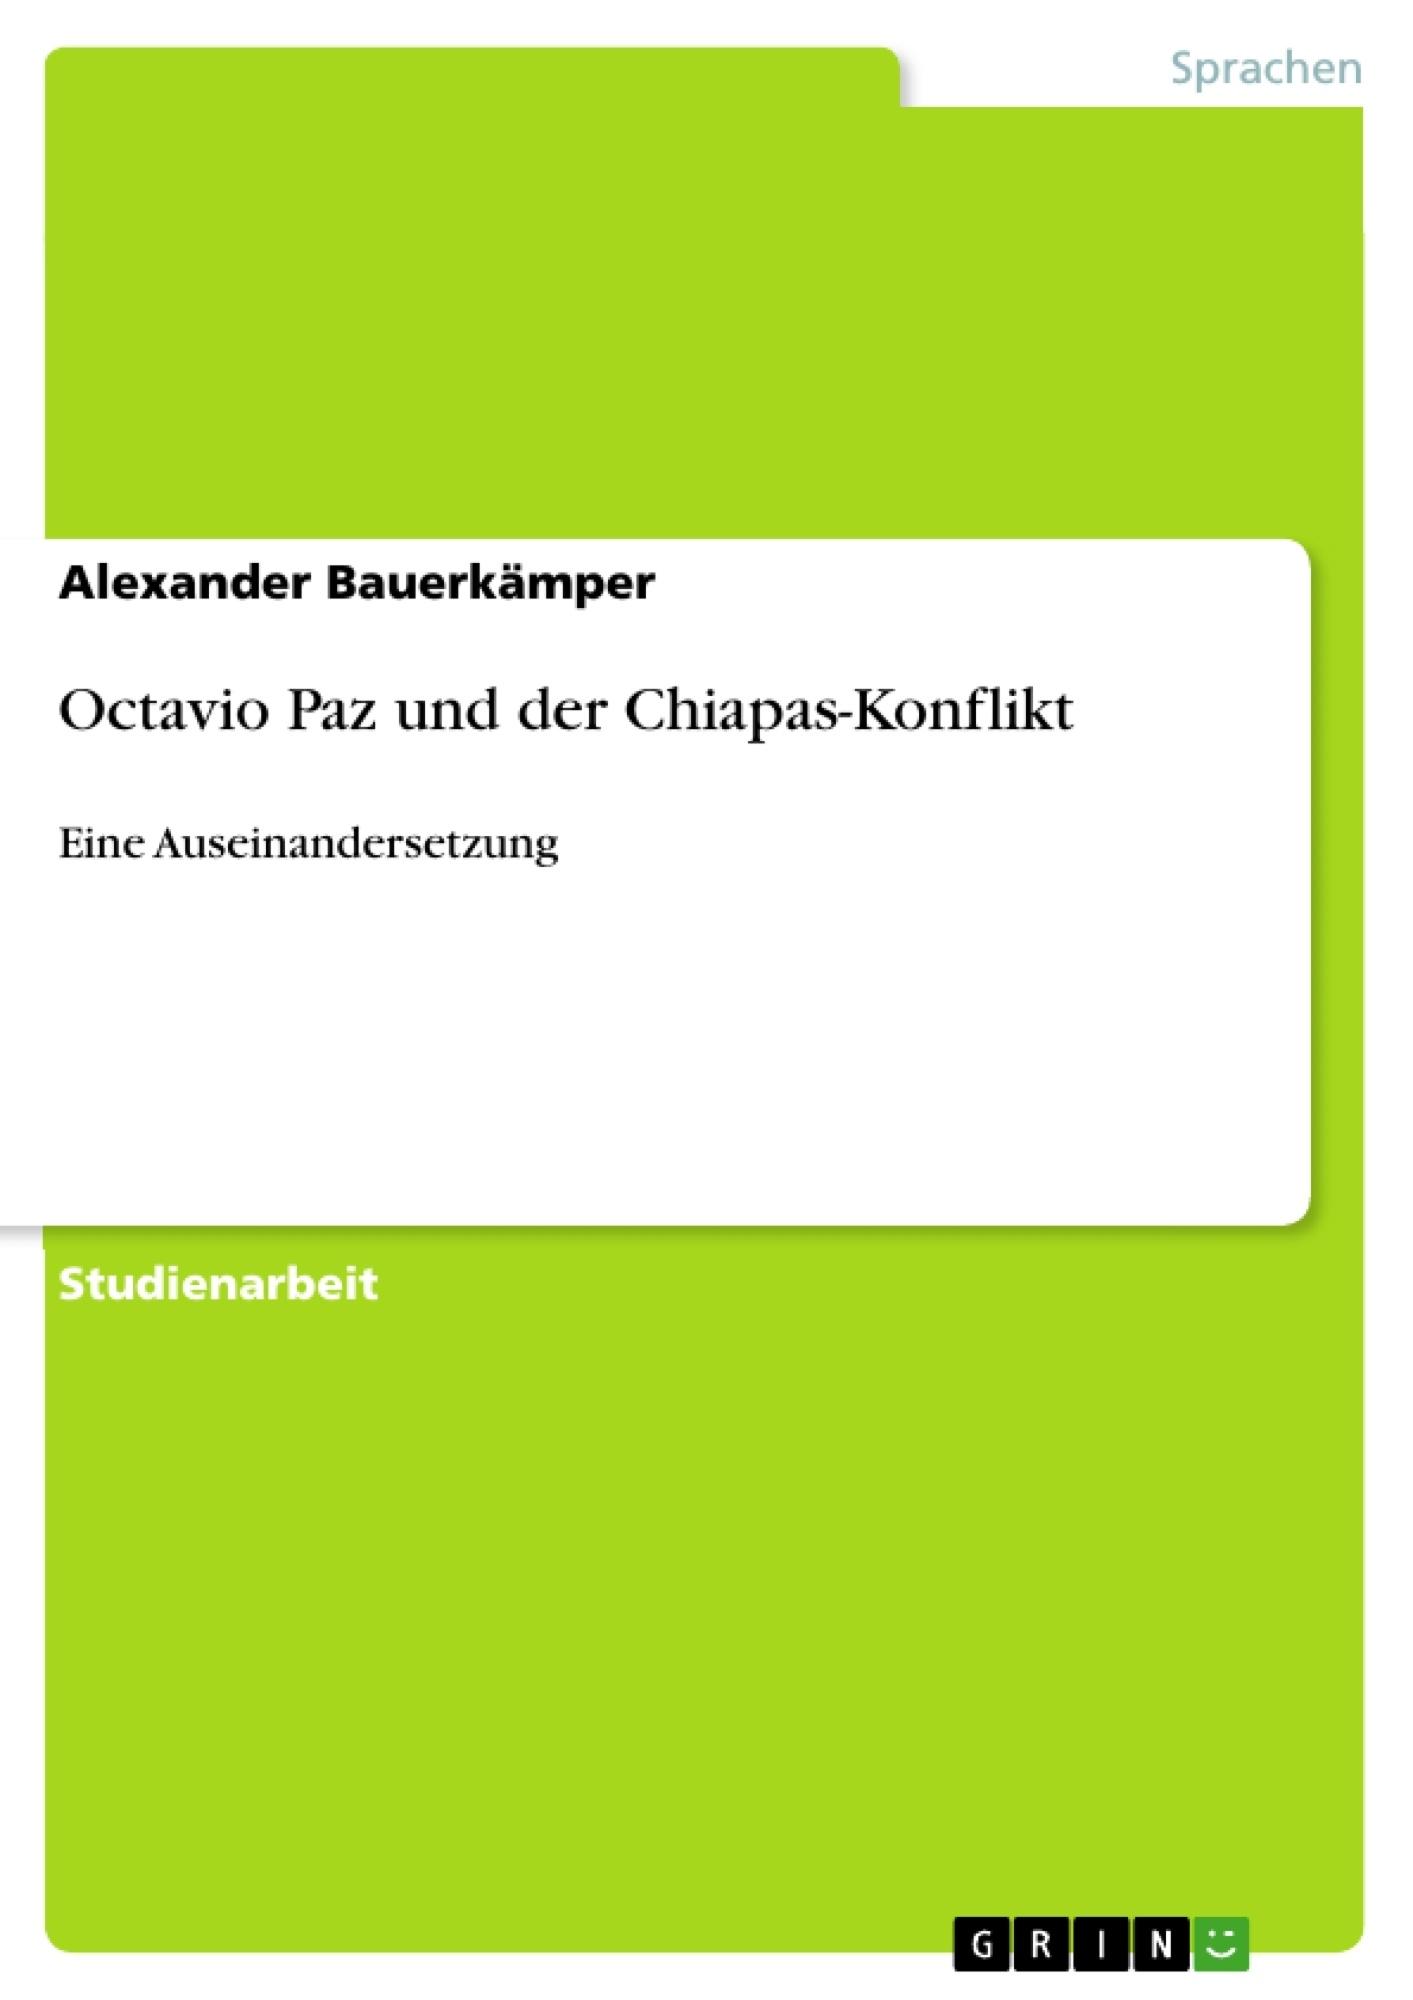 Titel: Octavio Paz und der Chiapas-Konflikt